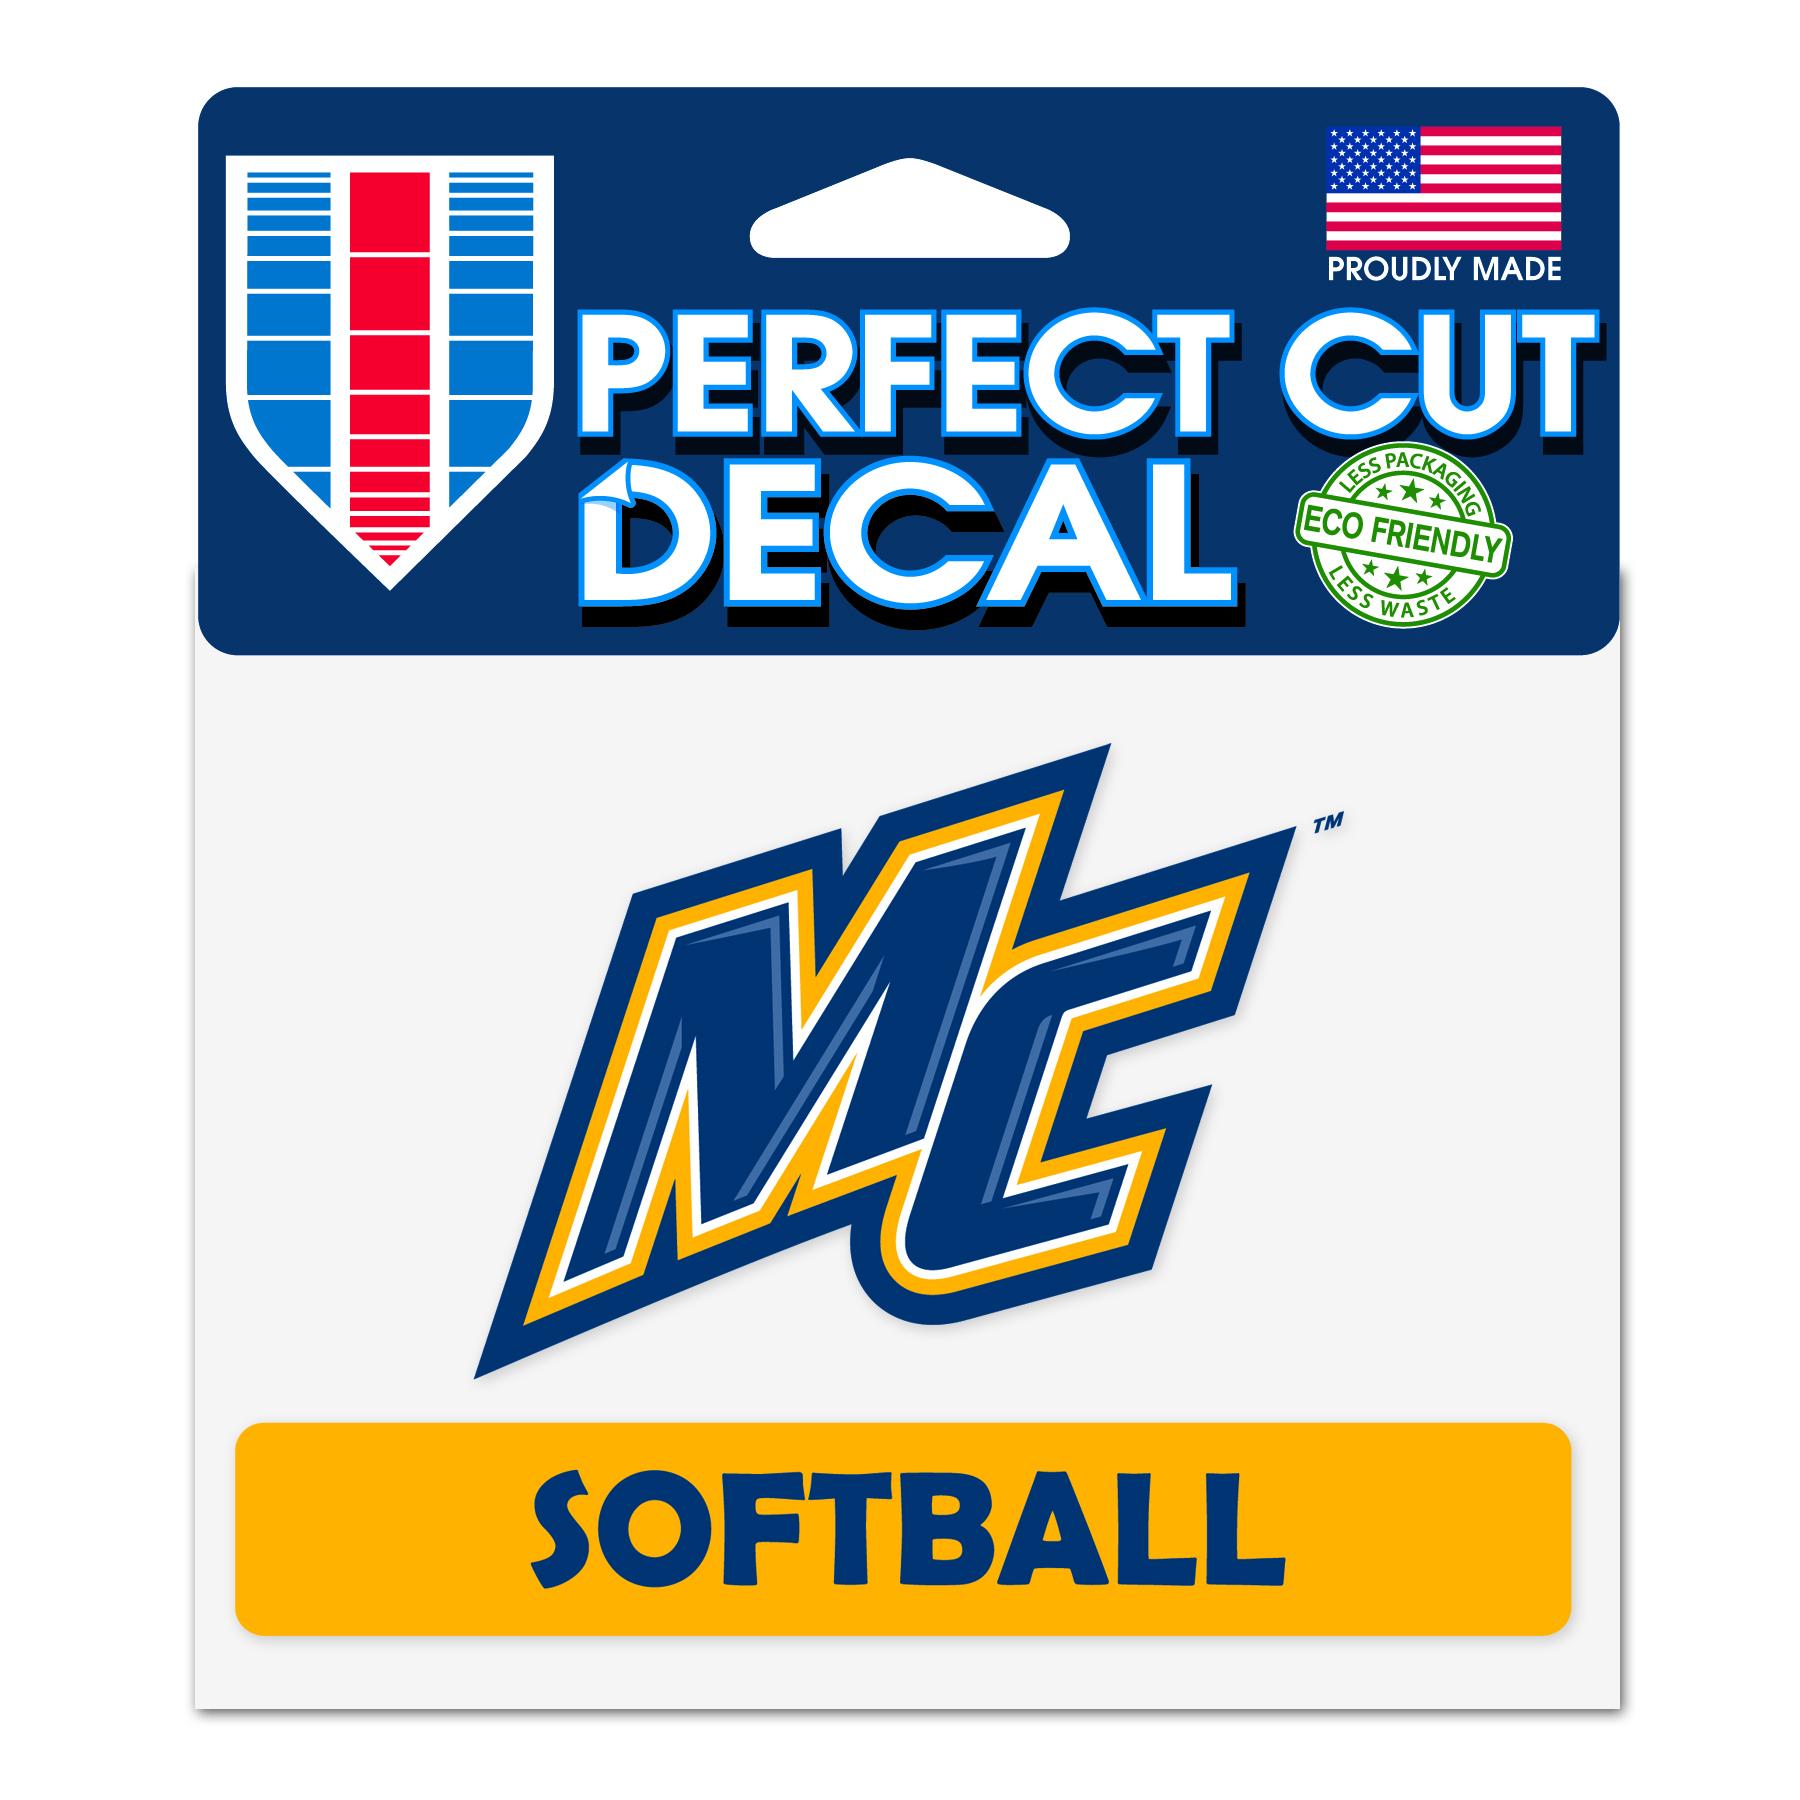 Decal - Softball